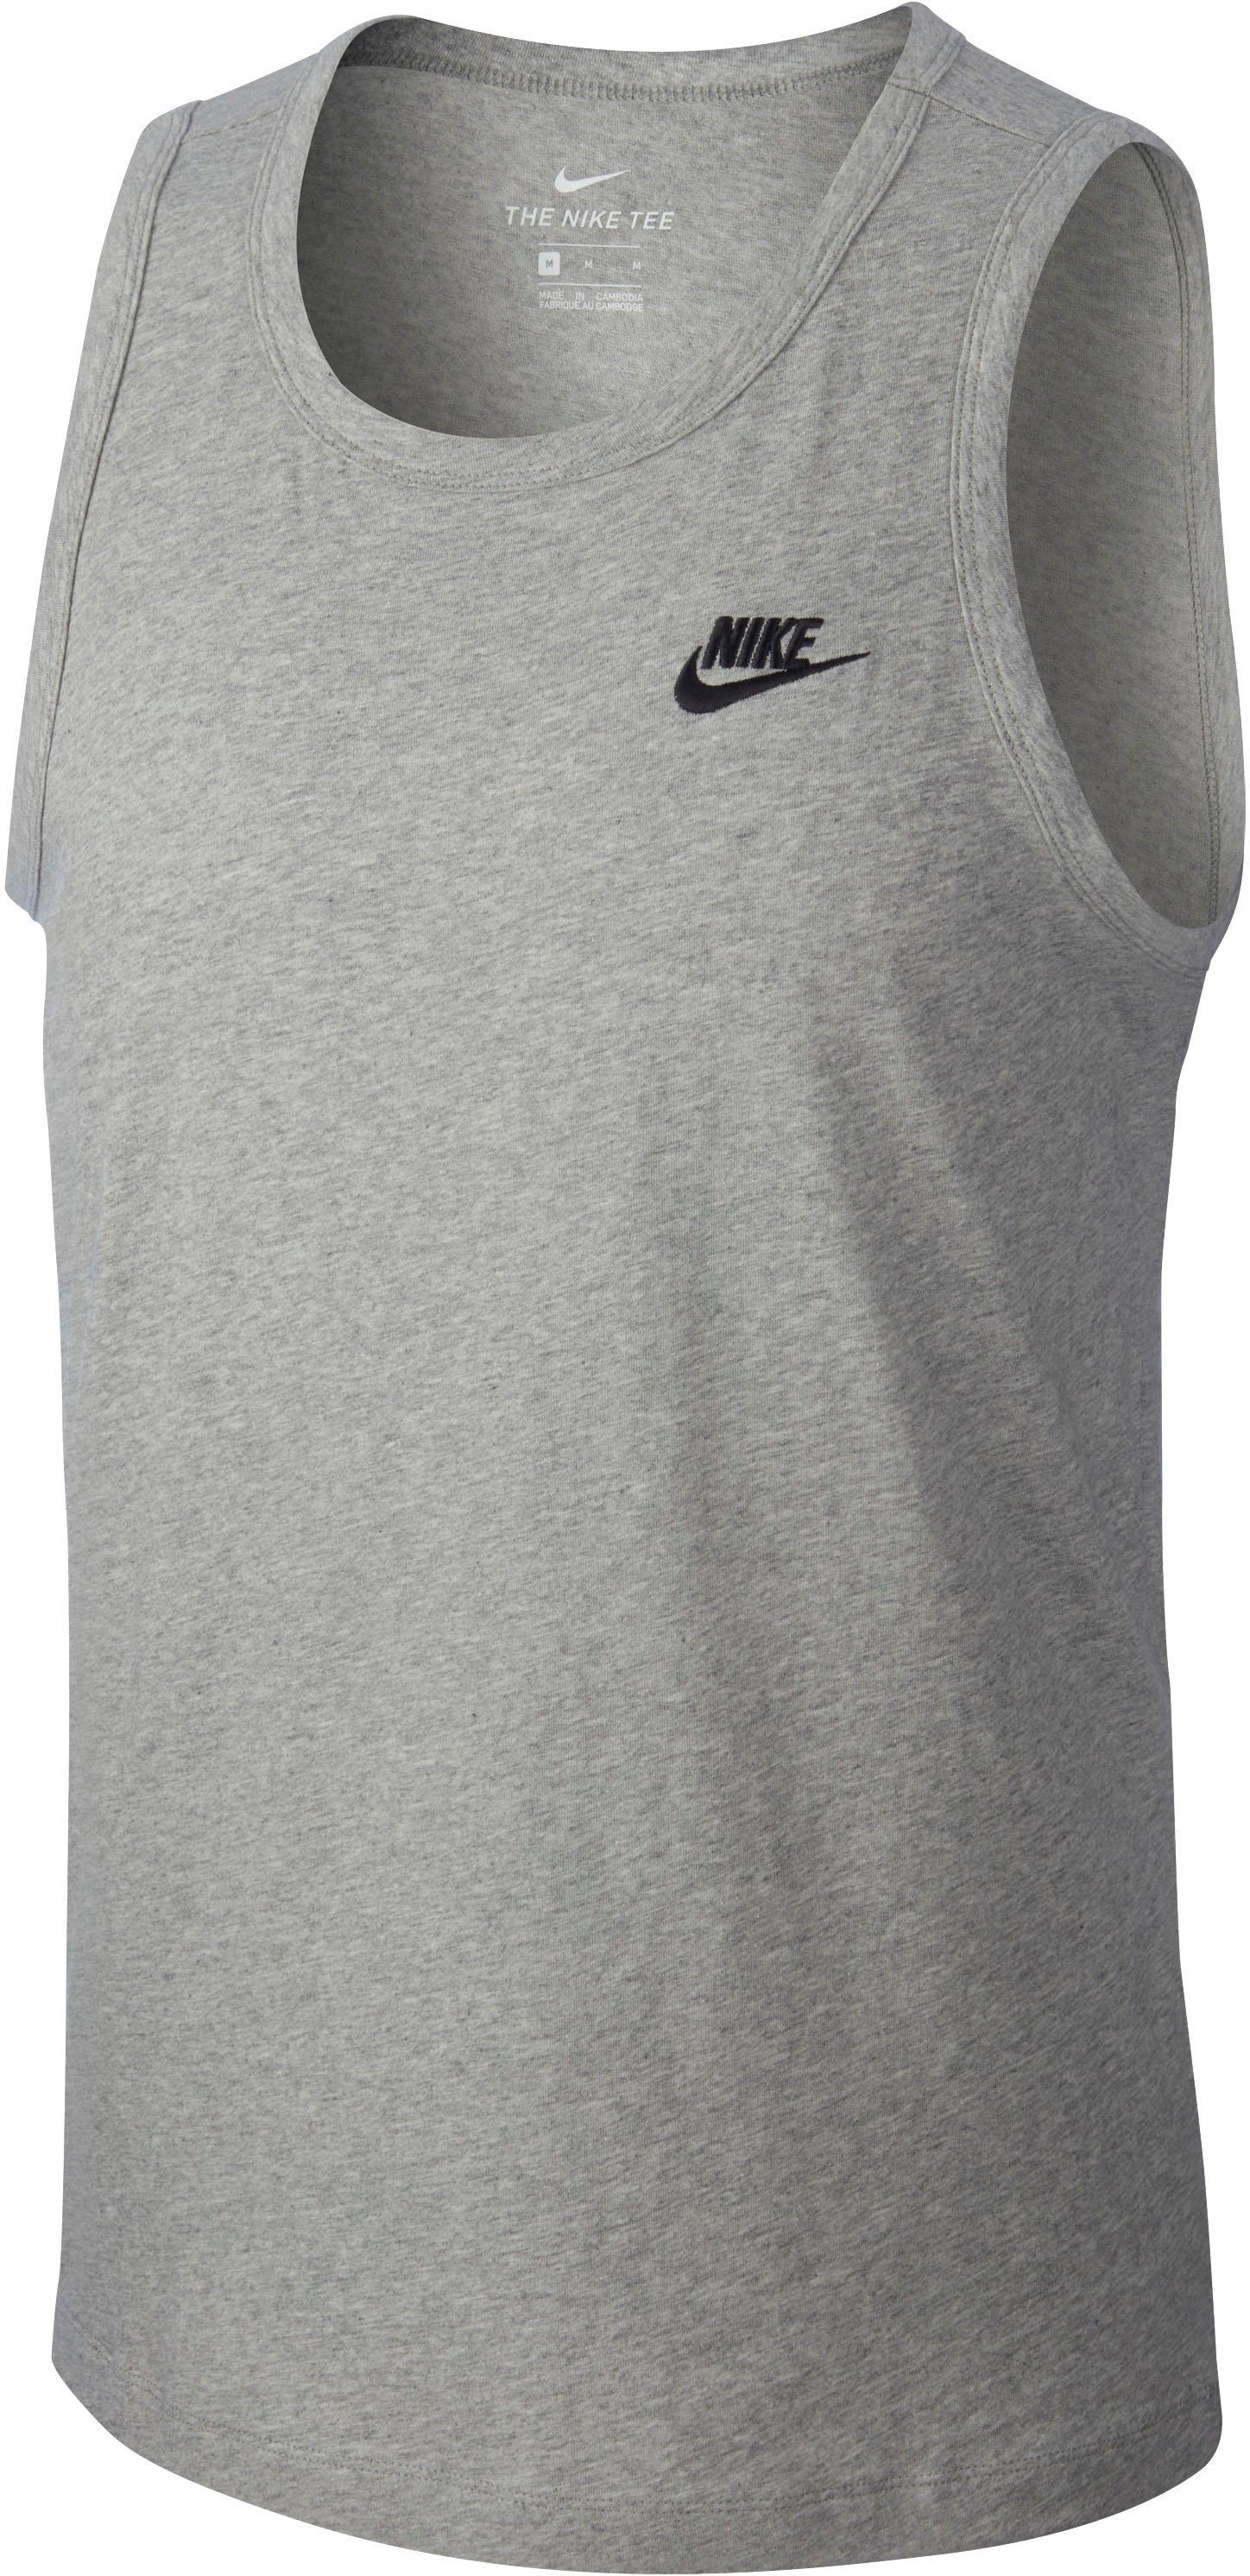 Nike Sportswear tanktop M NSW CLUB - TANK bestellen: 30 dagen bedenktijd